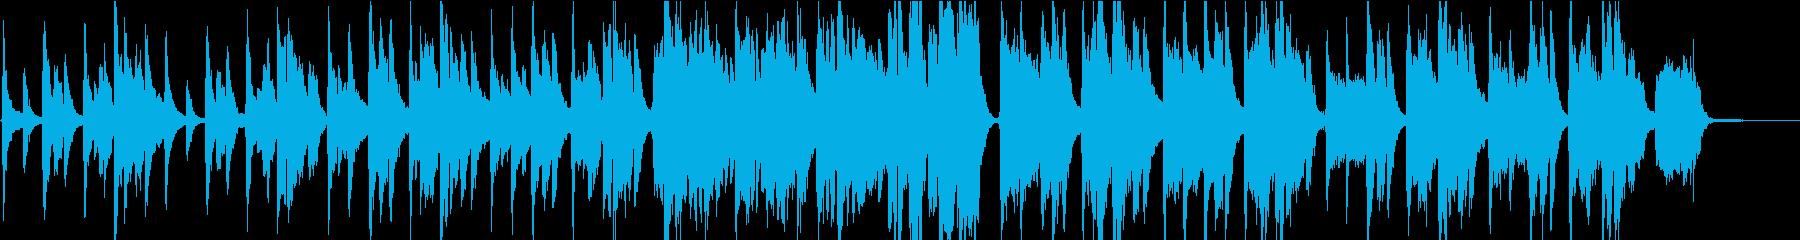 コーラス綺麗「ほたるこい」ピアノ弾き語りの再生済みの波形